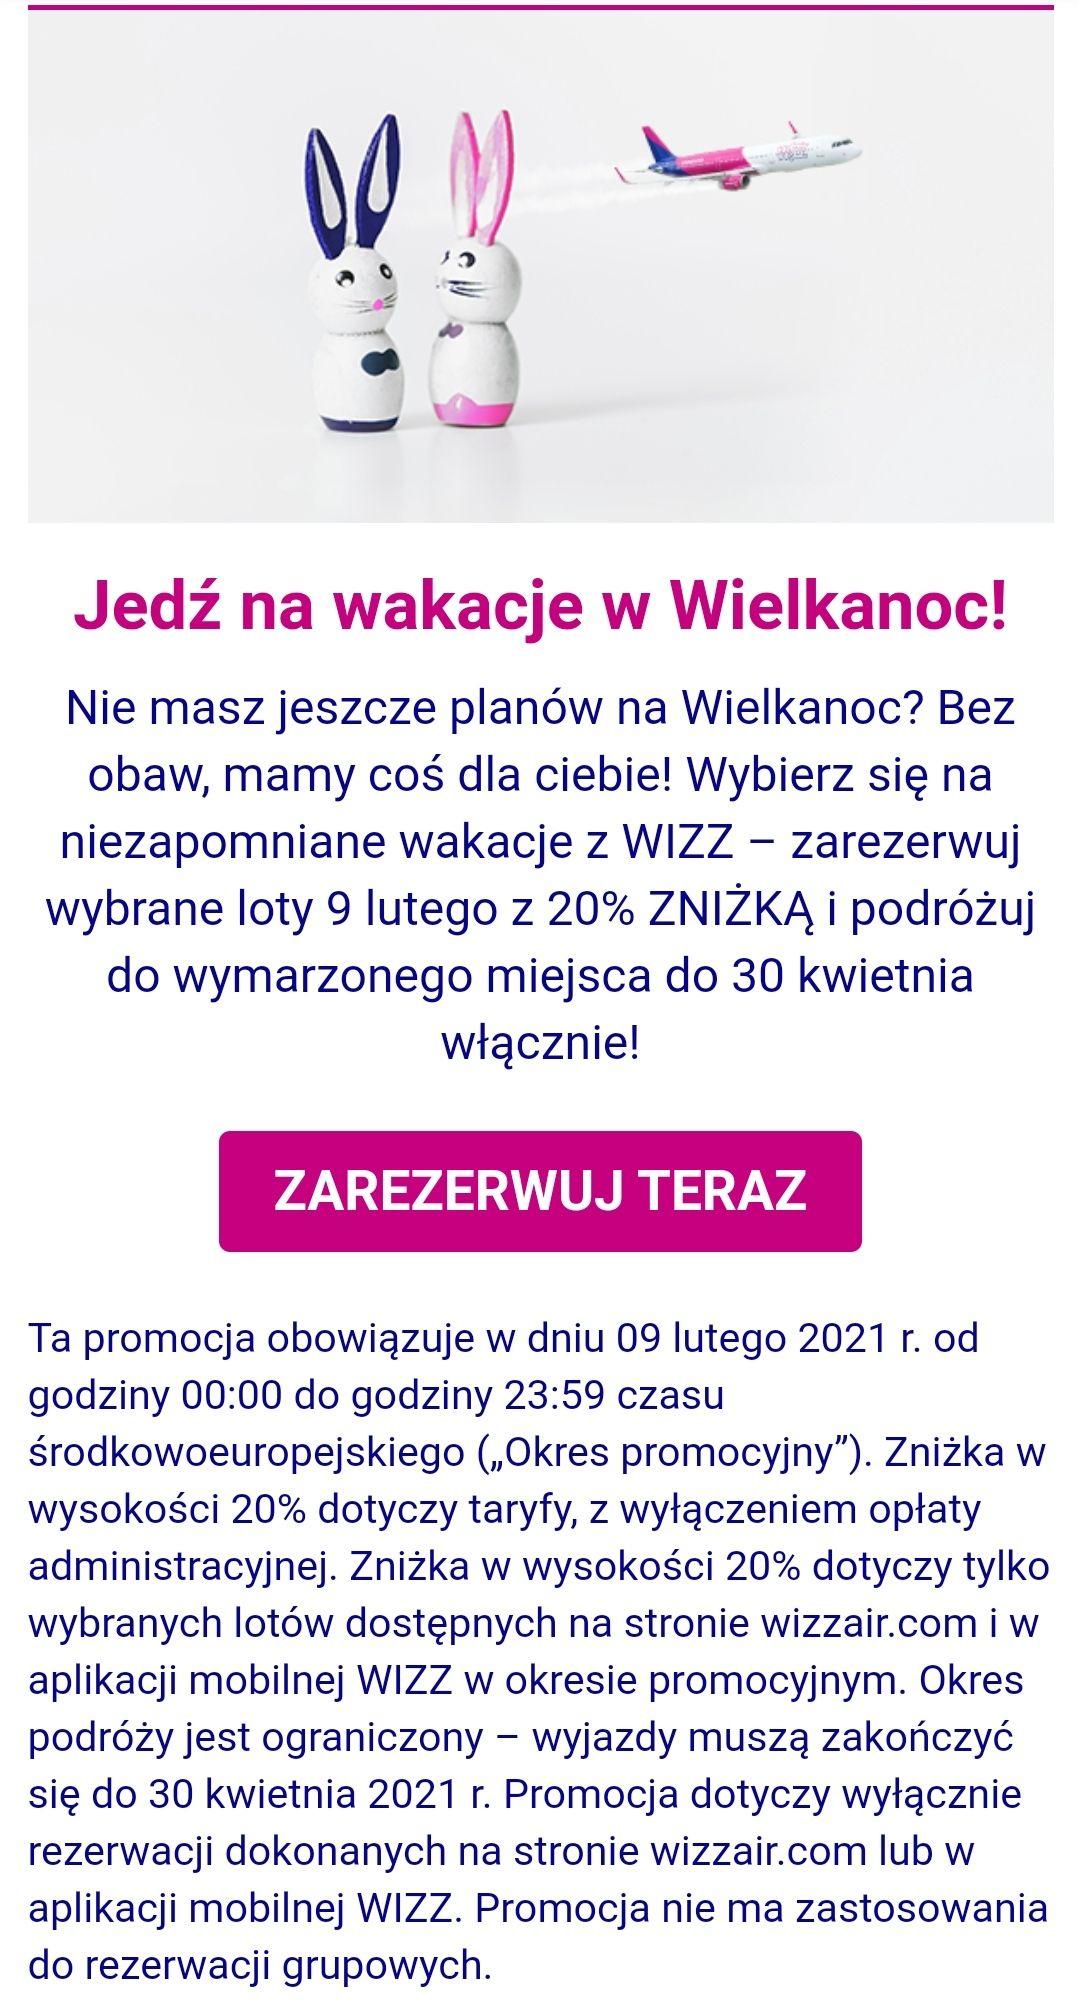 Obniżka biletów (-20%) w Wizzair na walentynki